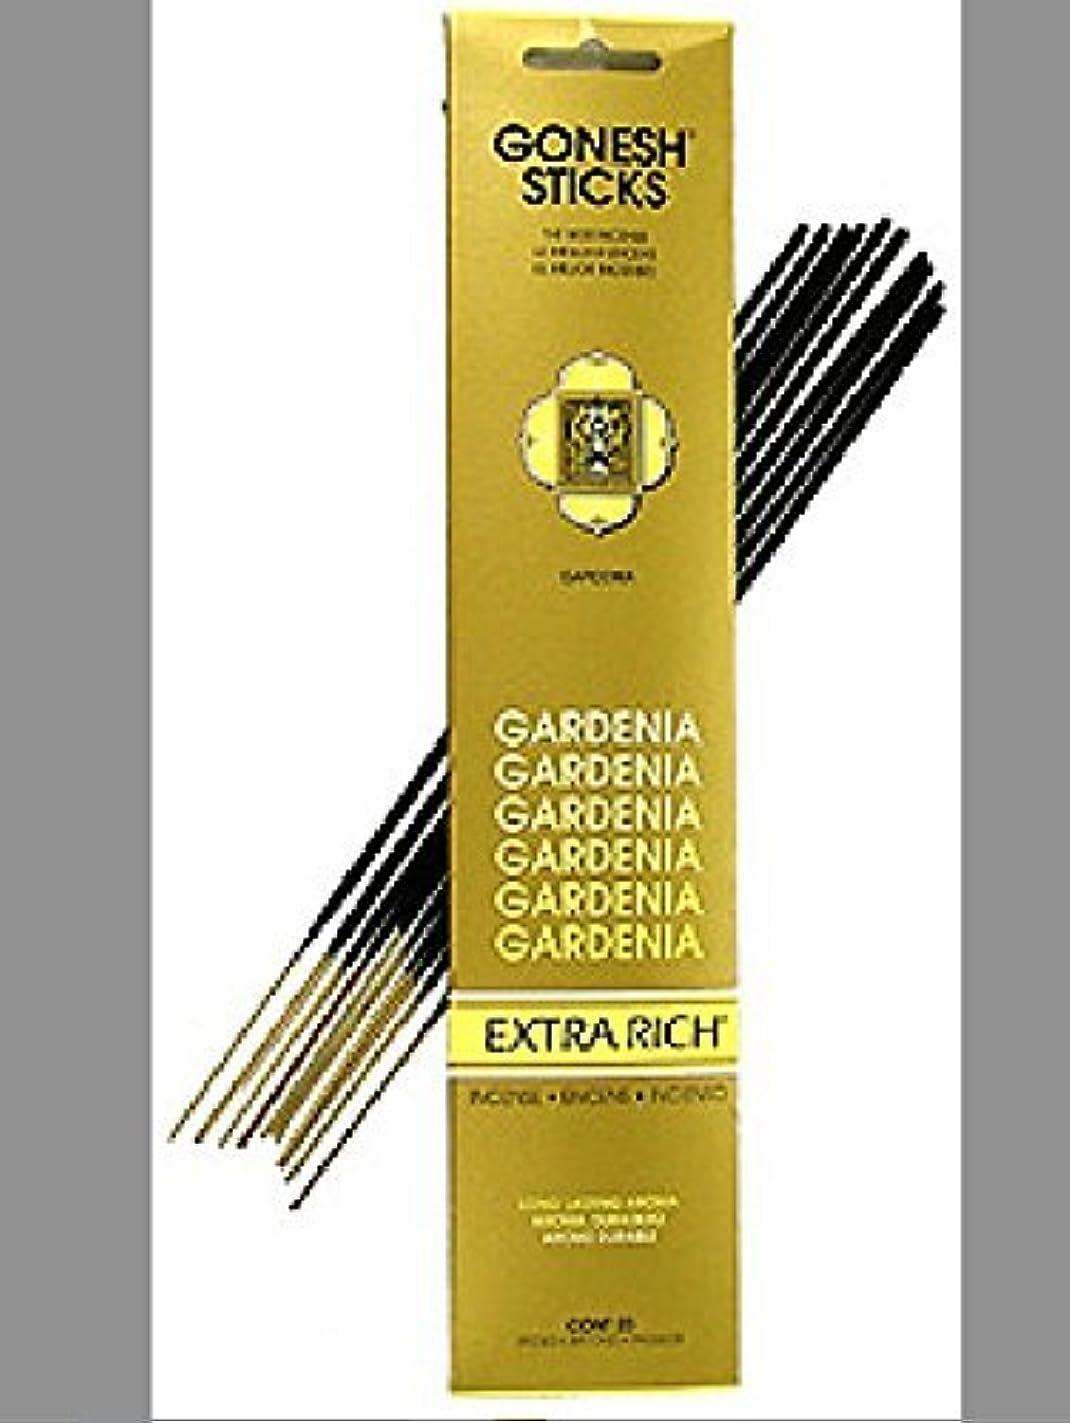 ウール花輪滑るGonesh ~ No. 6 (Perfumes of Ancient Times) ~ Incense Sticks ~ Pack of 4 by Gonesh [並行輸入品]